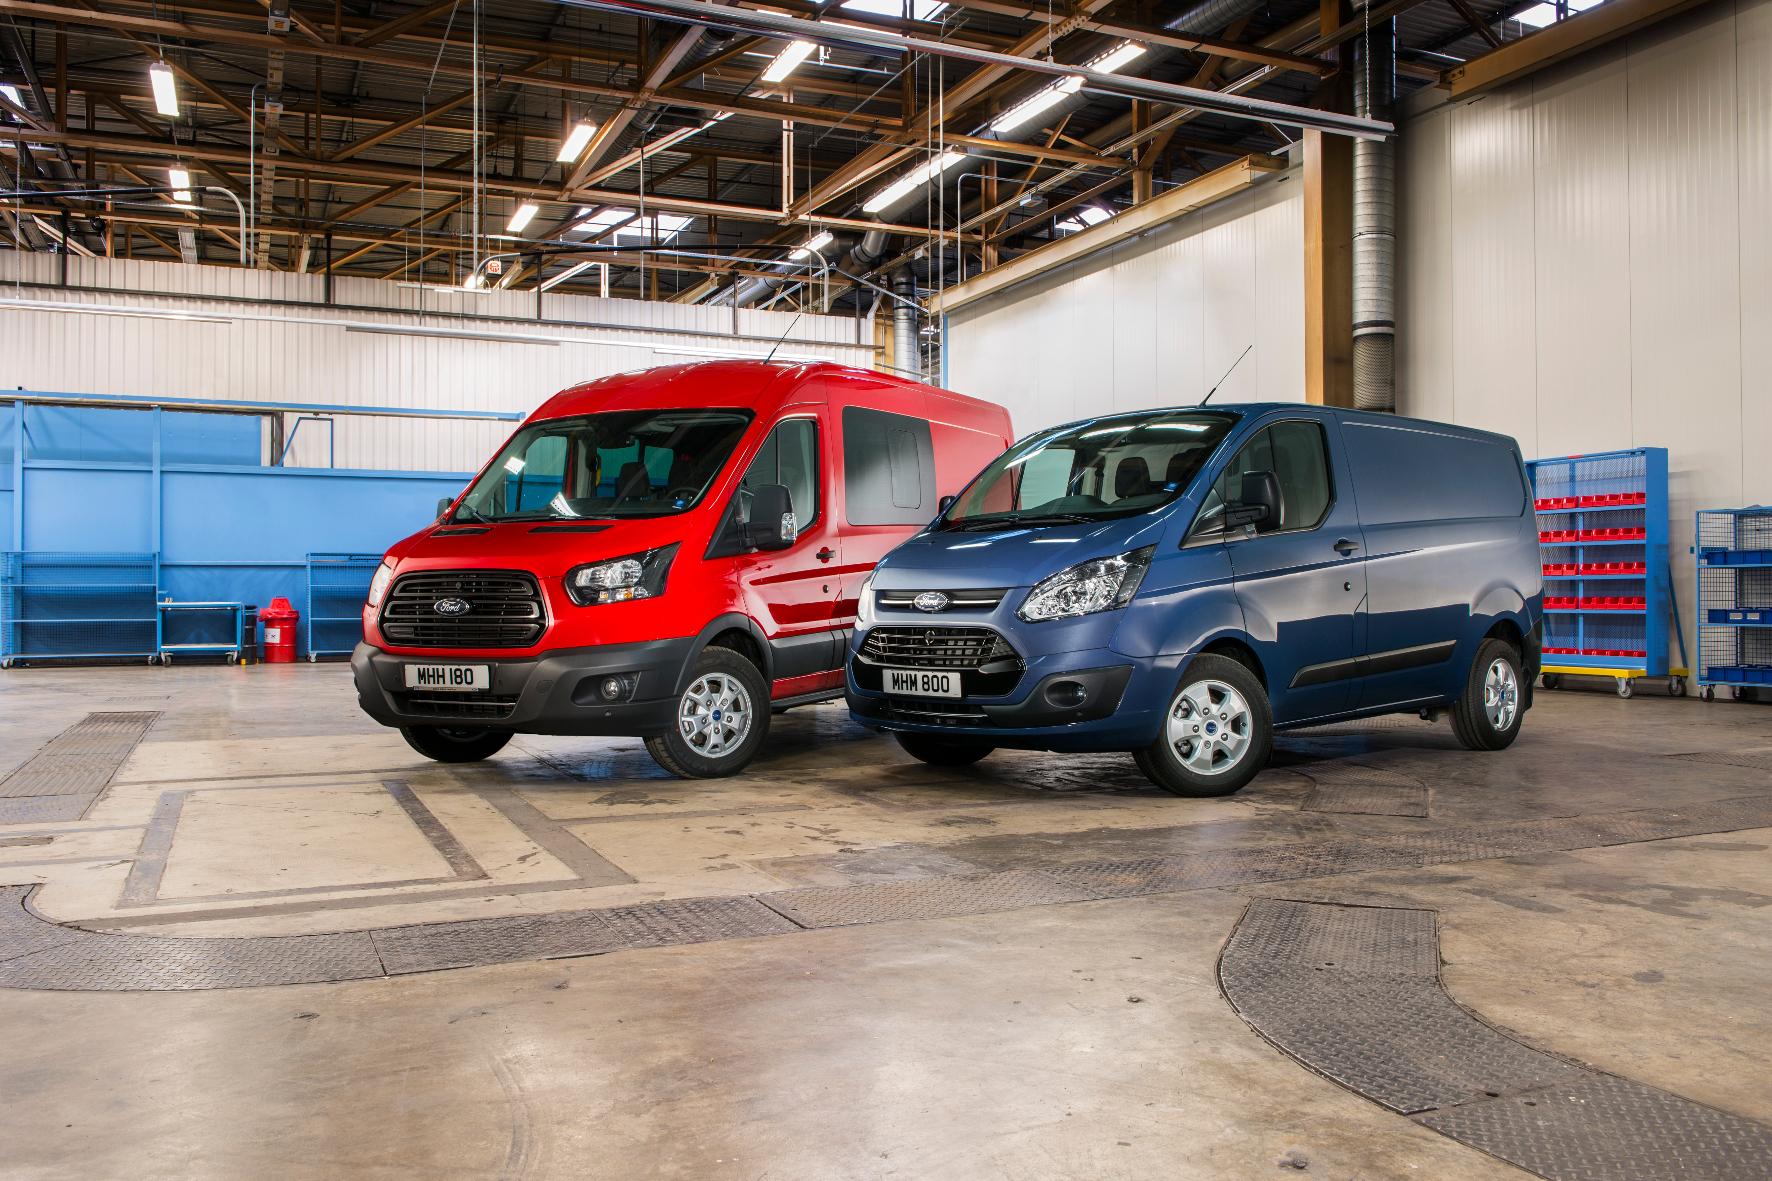 mid Groß-Gerau - Ford stattet seine Nutzfahrzeug-Baureihen Transit und Transit Custom mit einer neuen Generation Dieselmotoren aus.